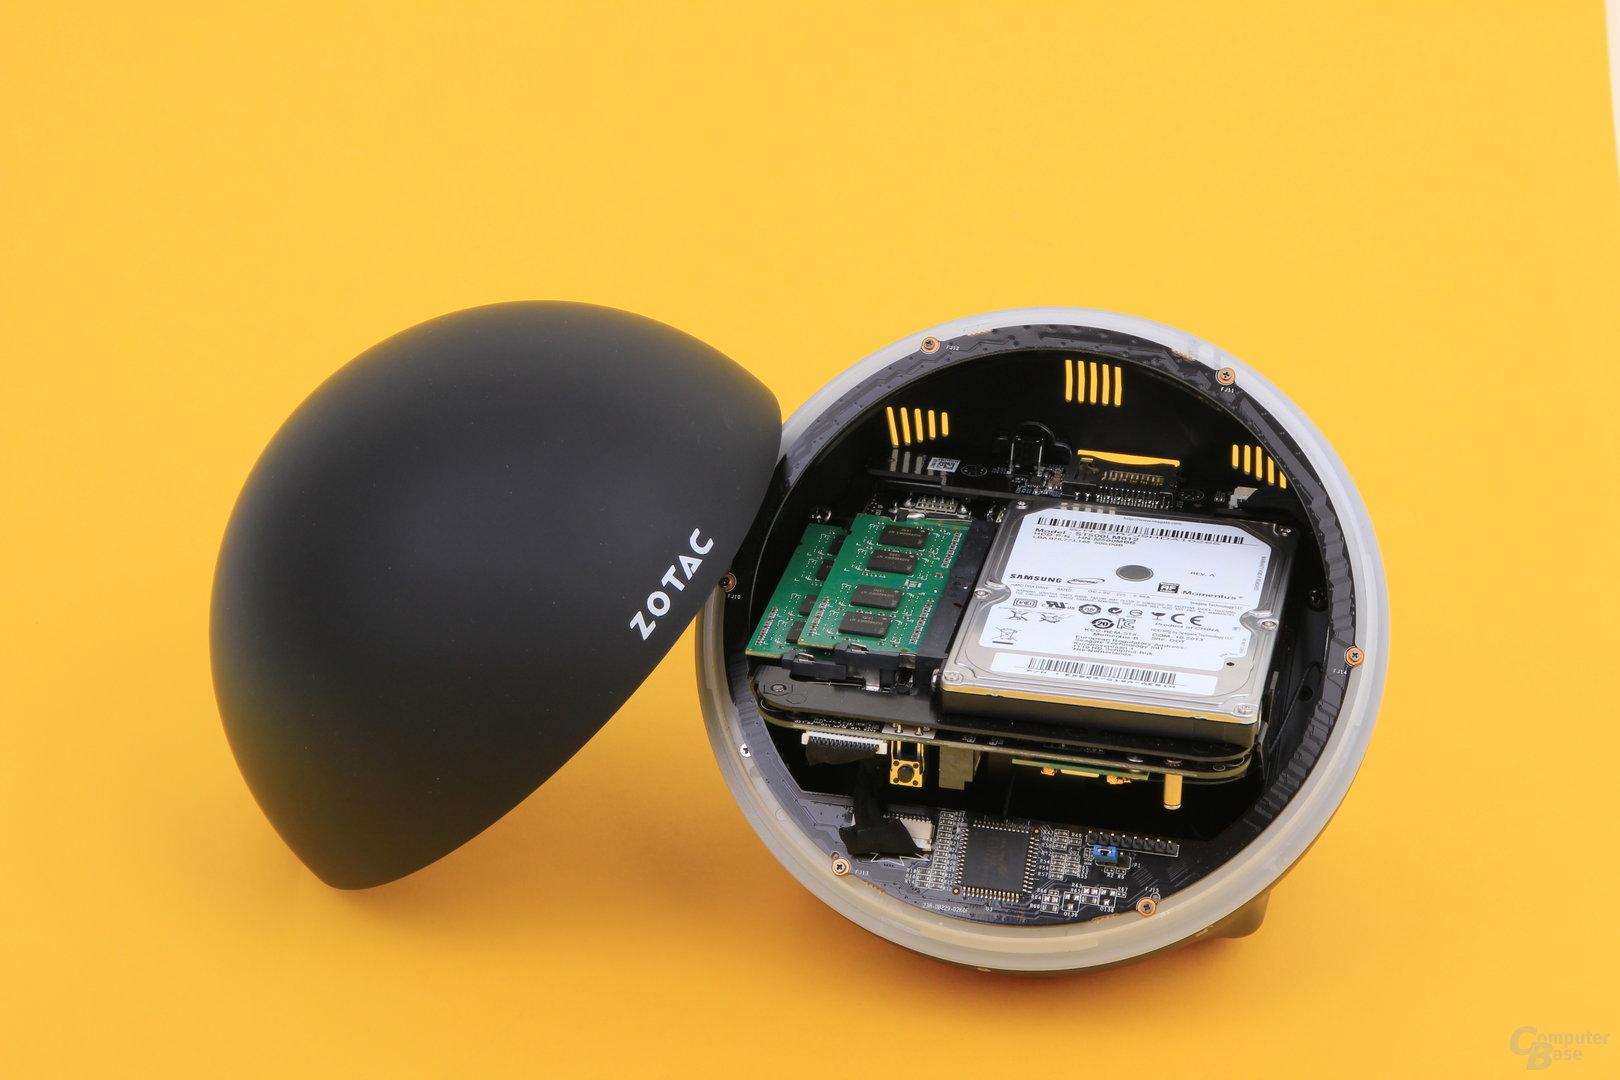 Zotac Zbox Sphere OI520 geöffnet